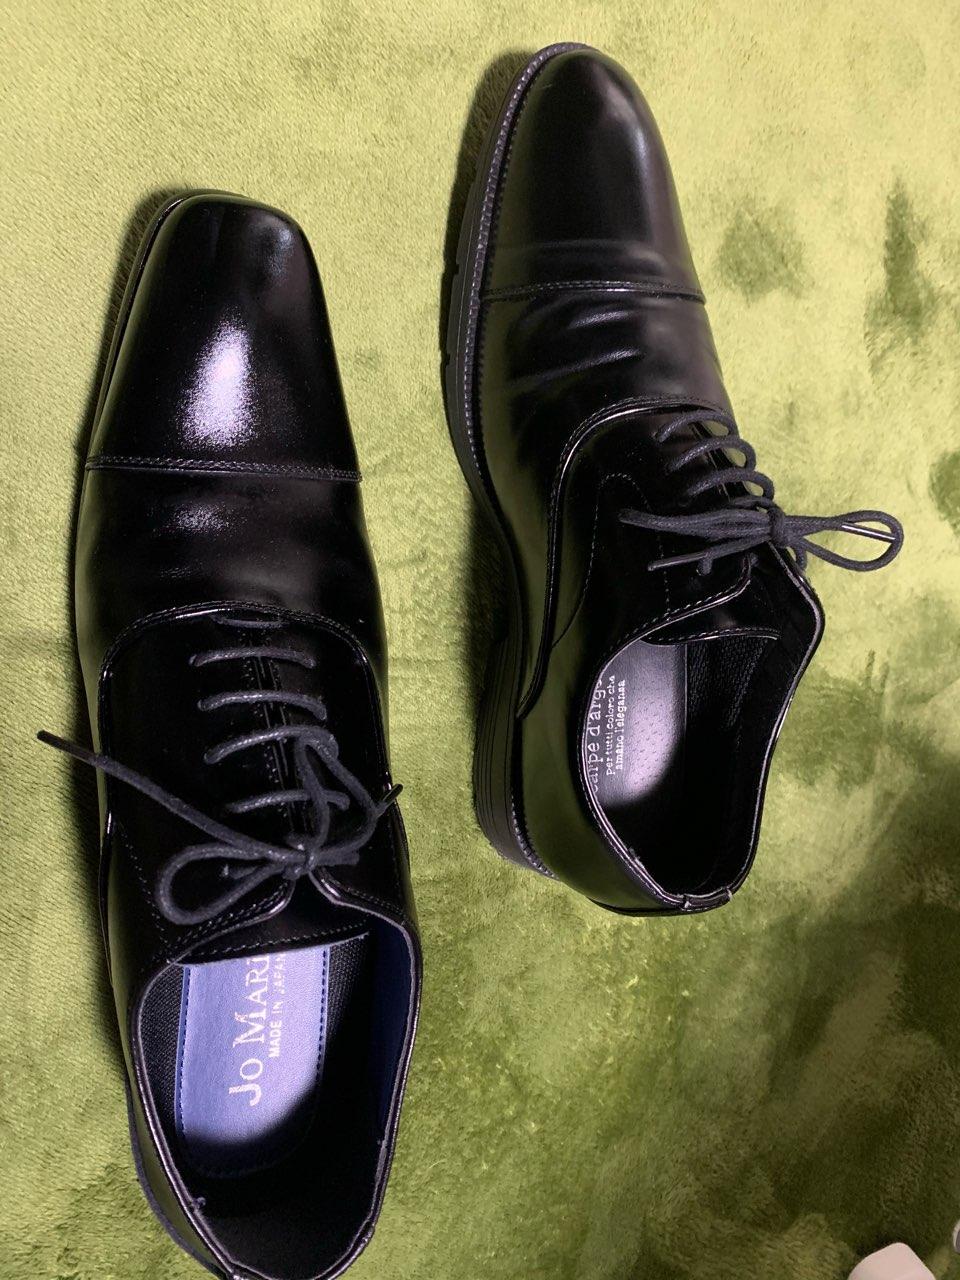 左が結婚式向き、右がご葬儀向きです。結婚式に右の先が丸いシューズを履くのはまったく構いませんが、ご葬儀に左の先の細いシューズを履くのは控えた方がよいでしょう。